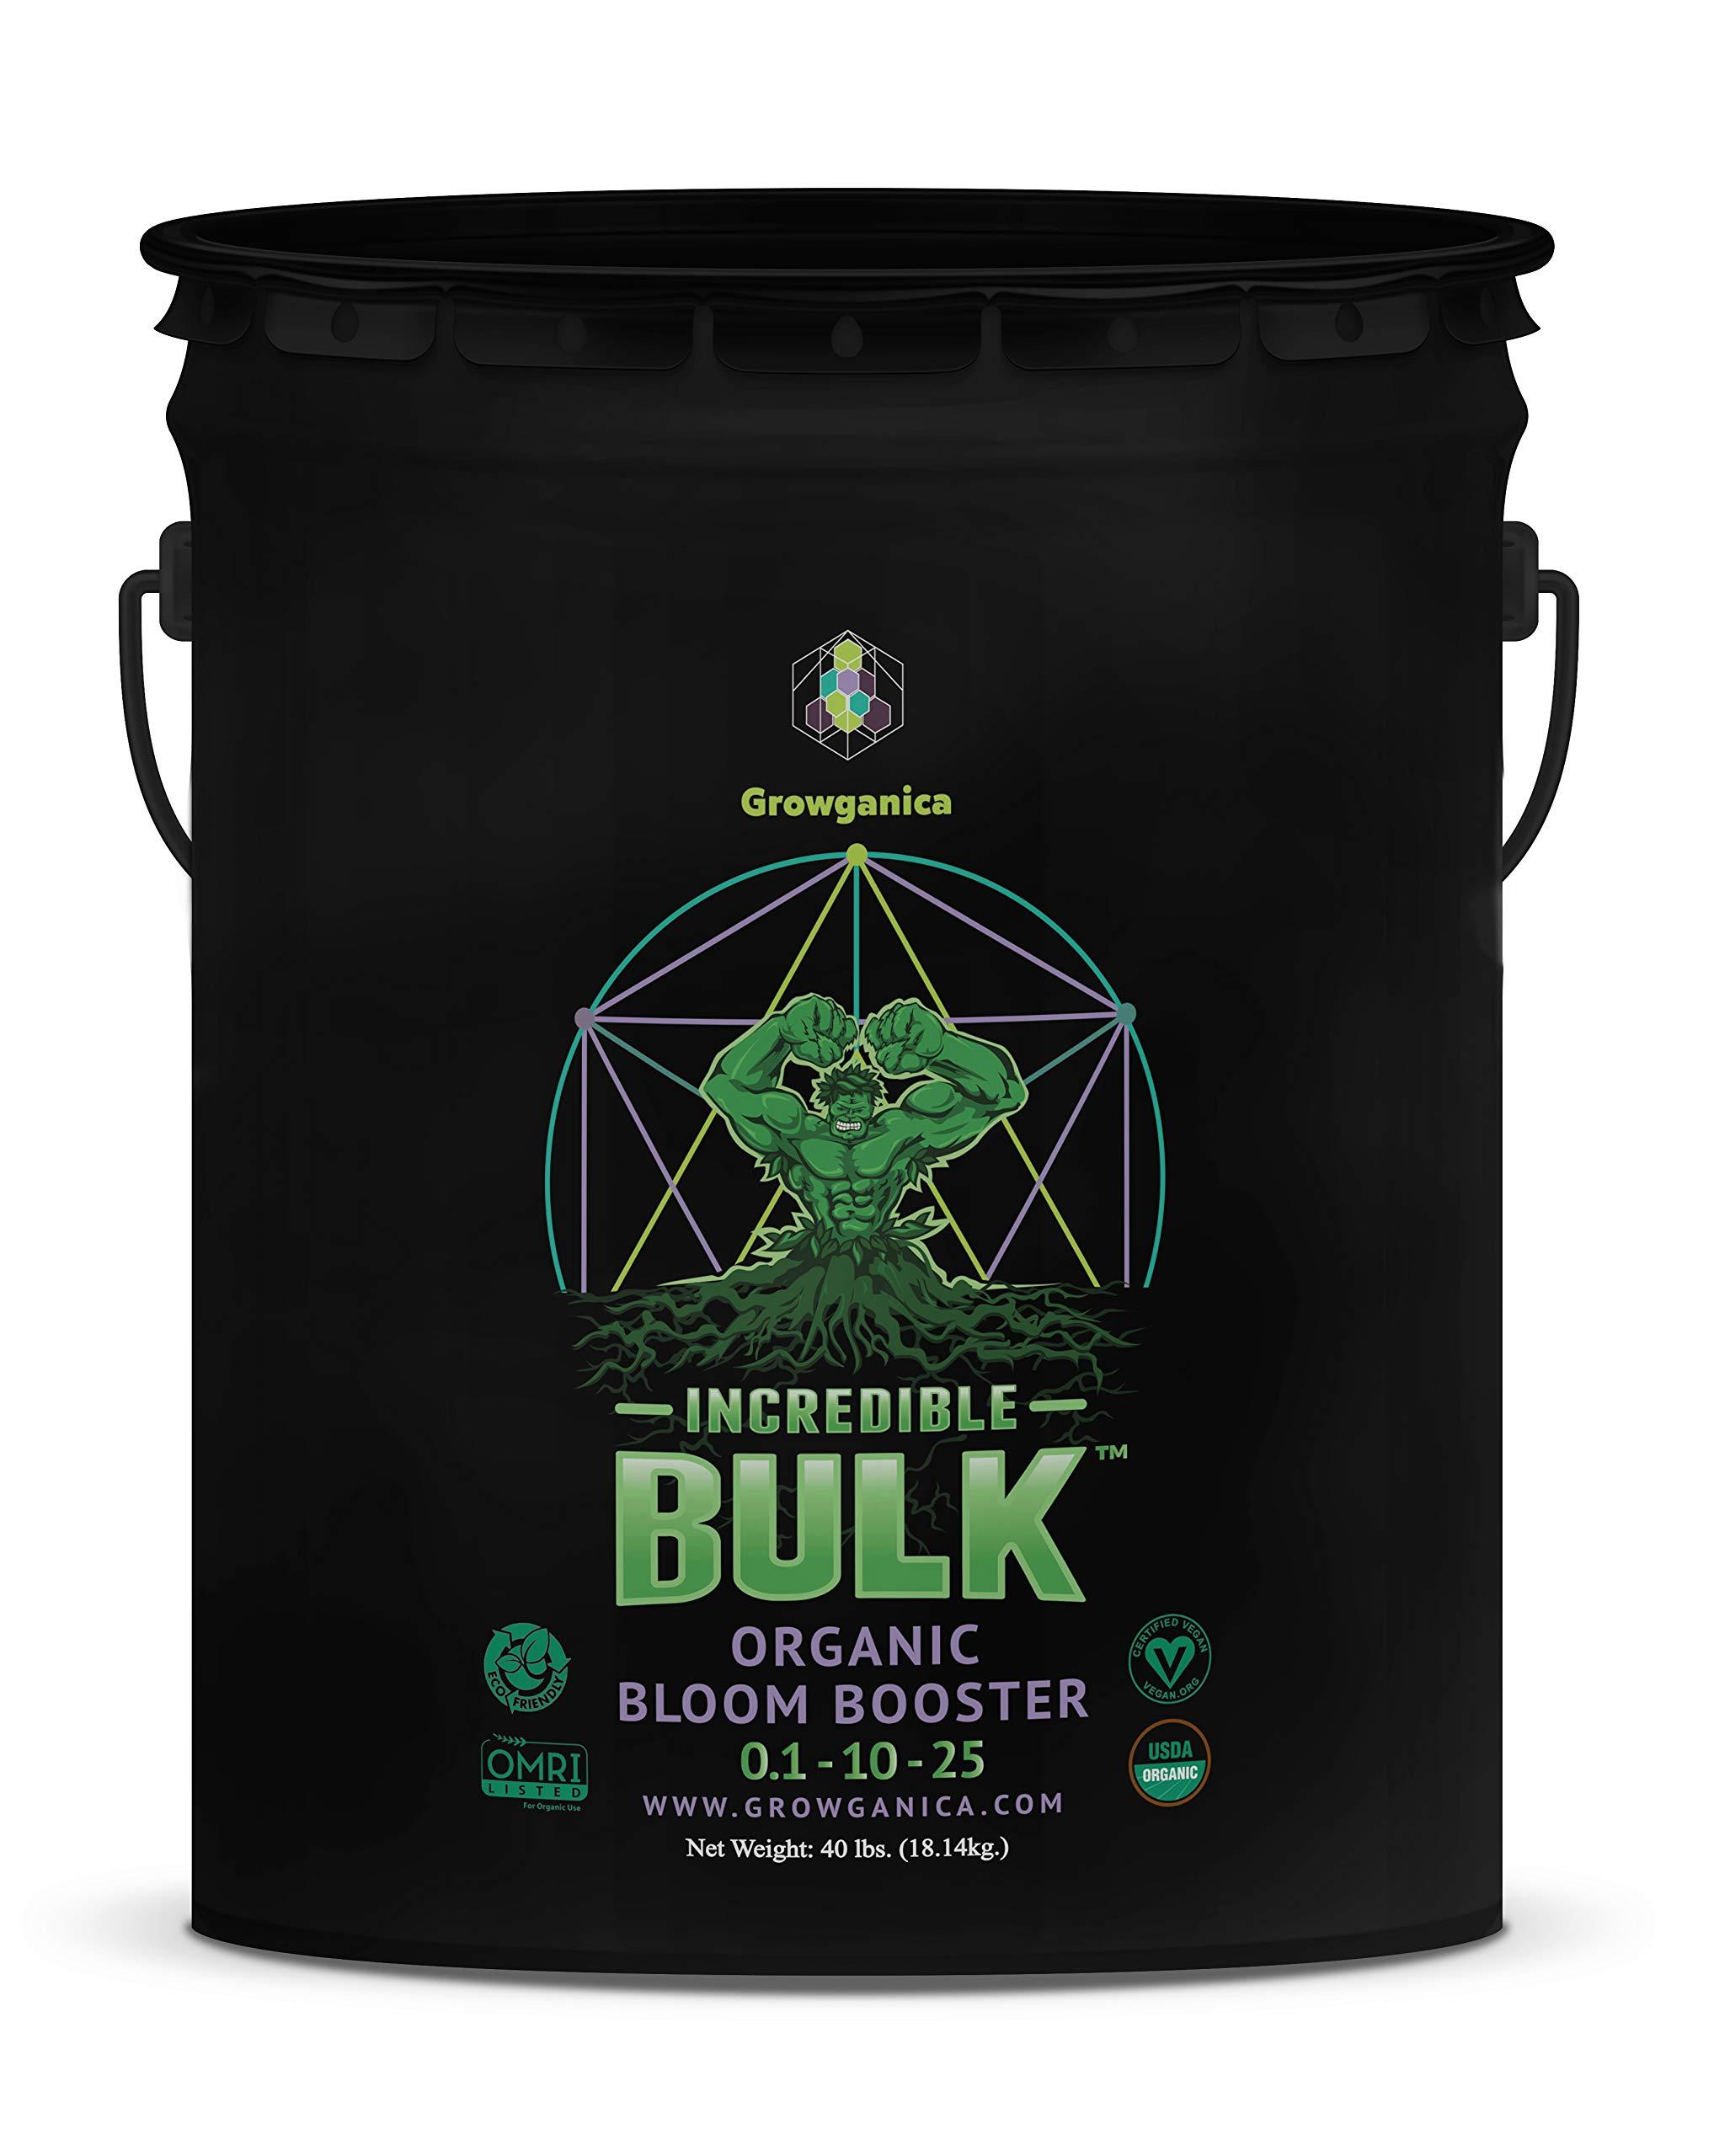 Bloom Booster, Incredible Bulk 0.1-10-25 Certified Vegan OMRI Listed Organic Plant Food (40lb)